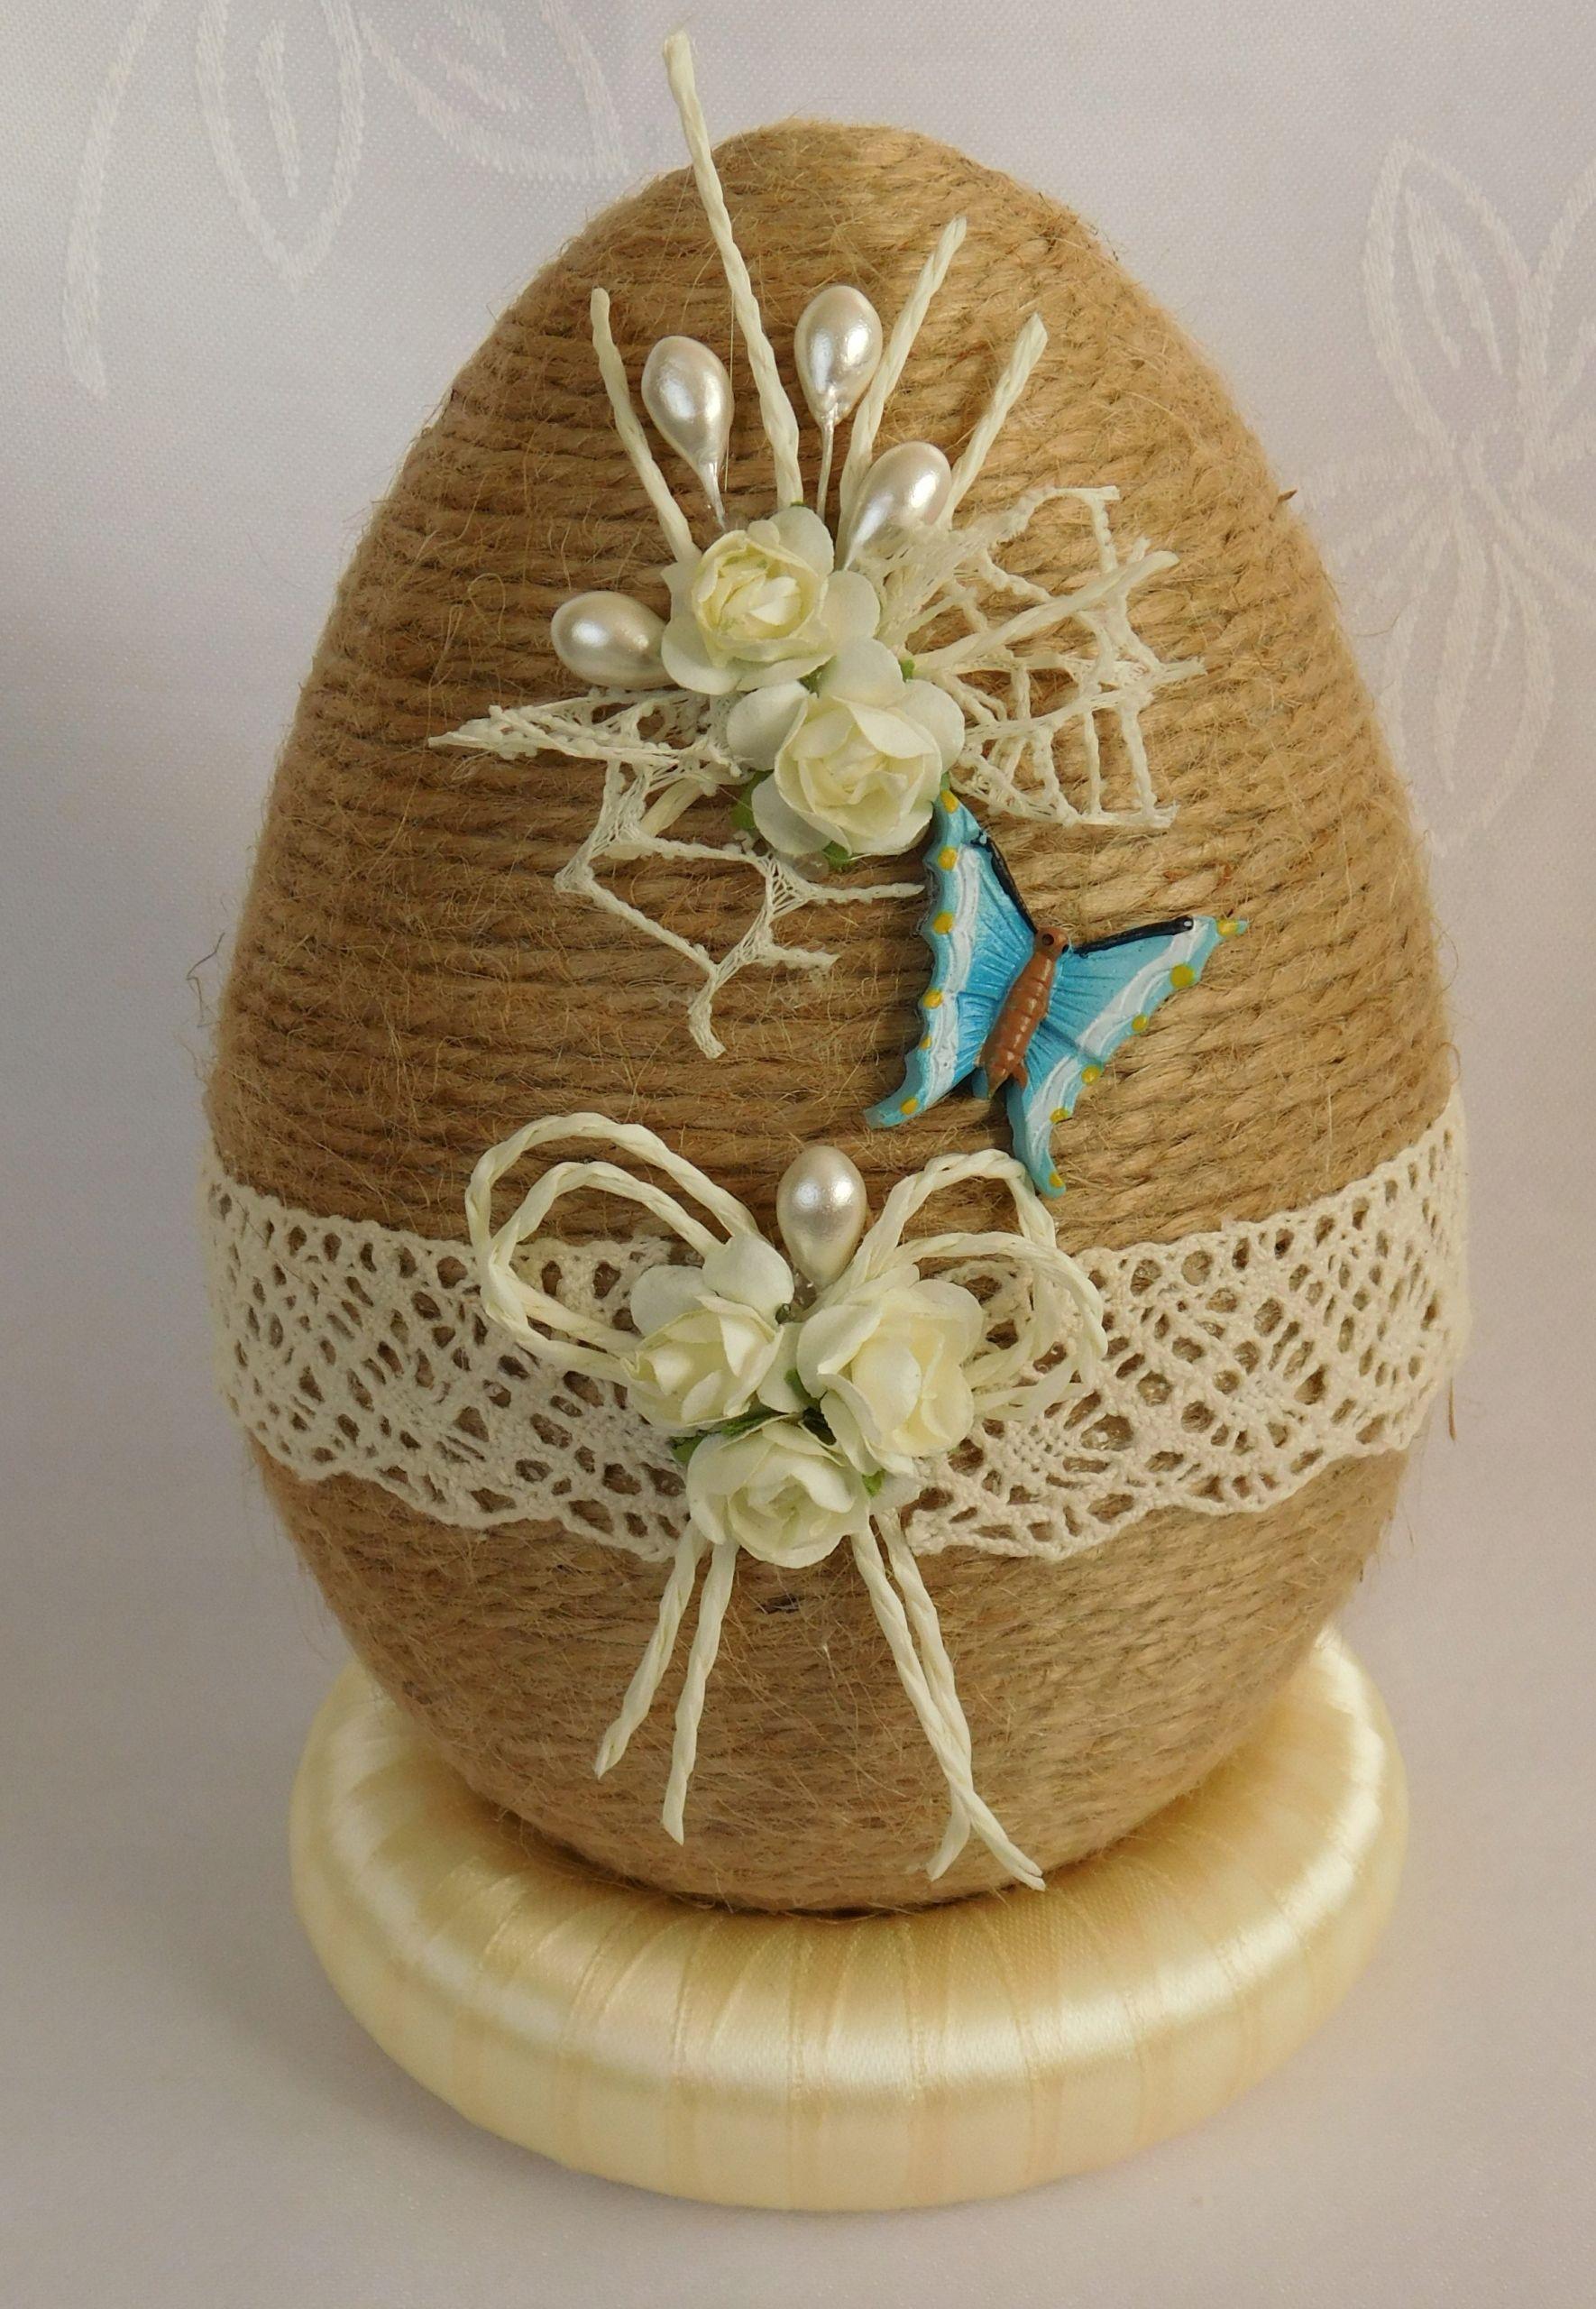 Pisanka Do Koszyczka Ozdoby Wielkanocne Rekodzielo 7838382139 Oficjalne Archiwum Allegro Easter Crafts Easter Diy Diy Christmas Ornaments Easy